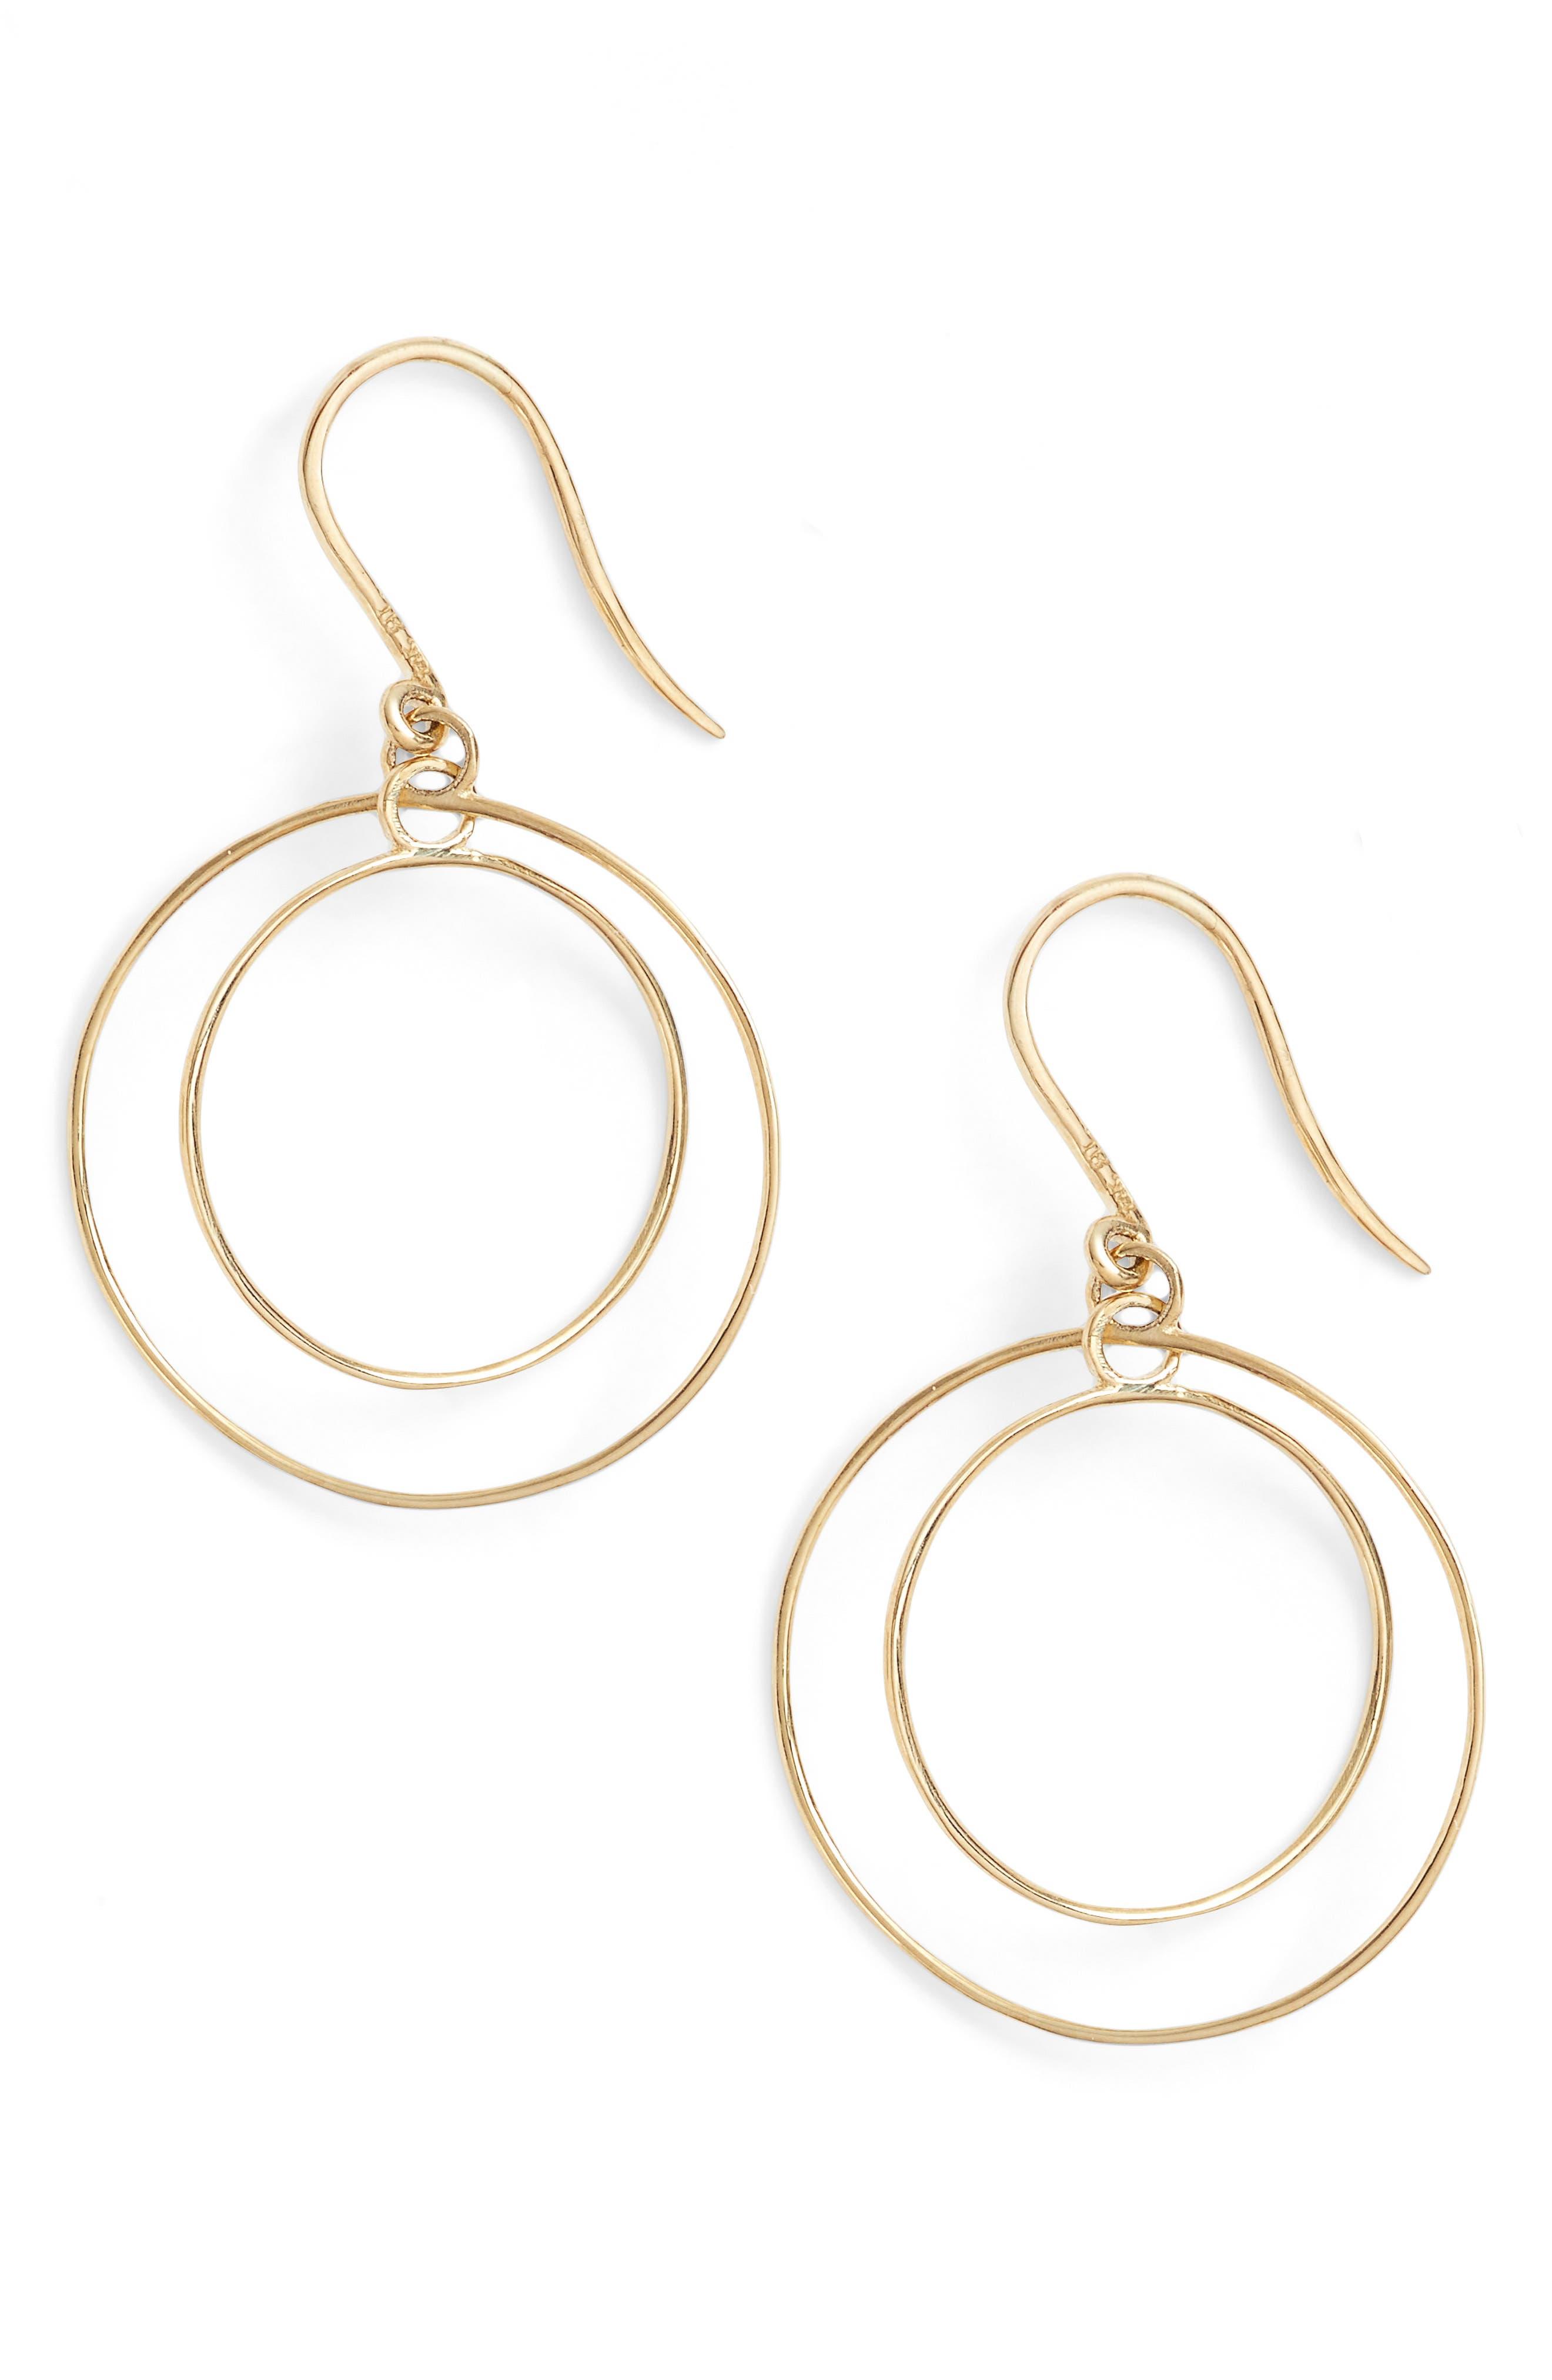 Bony Levy Double Circle Orbital Drop Earrings